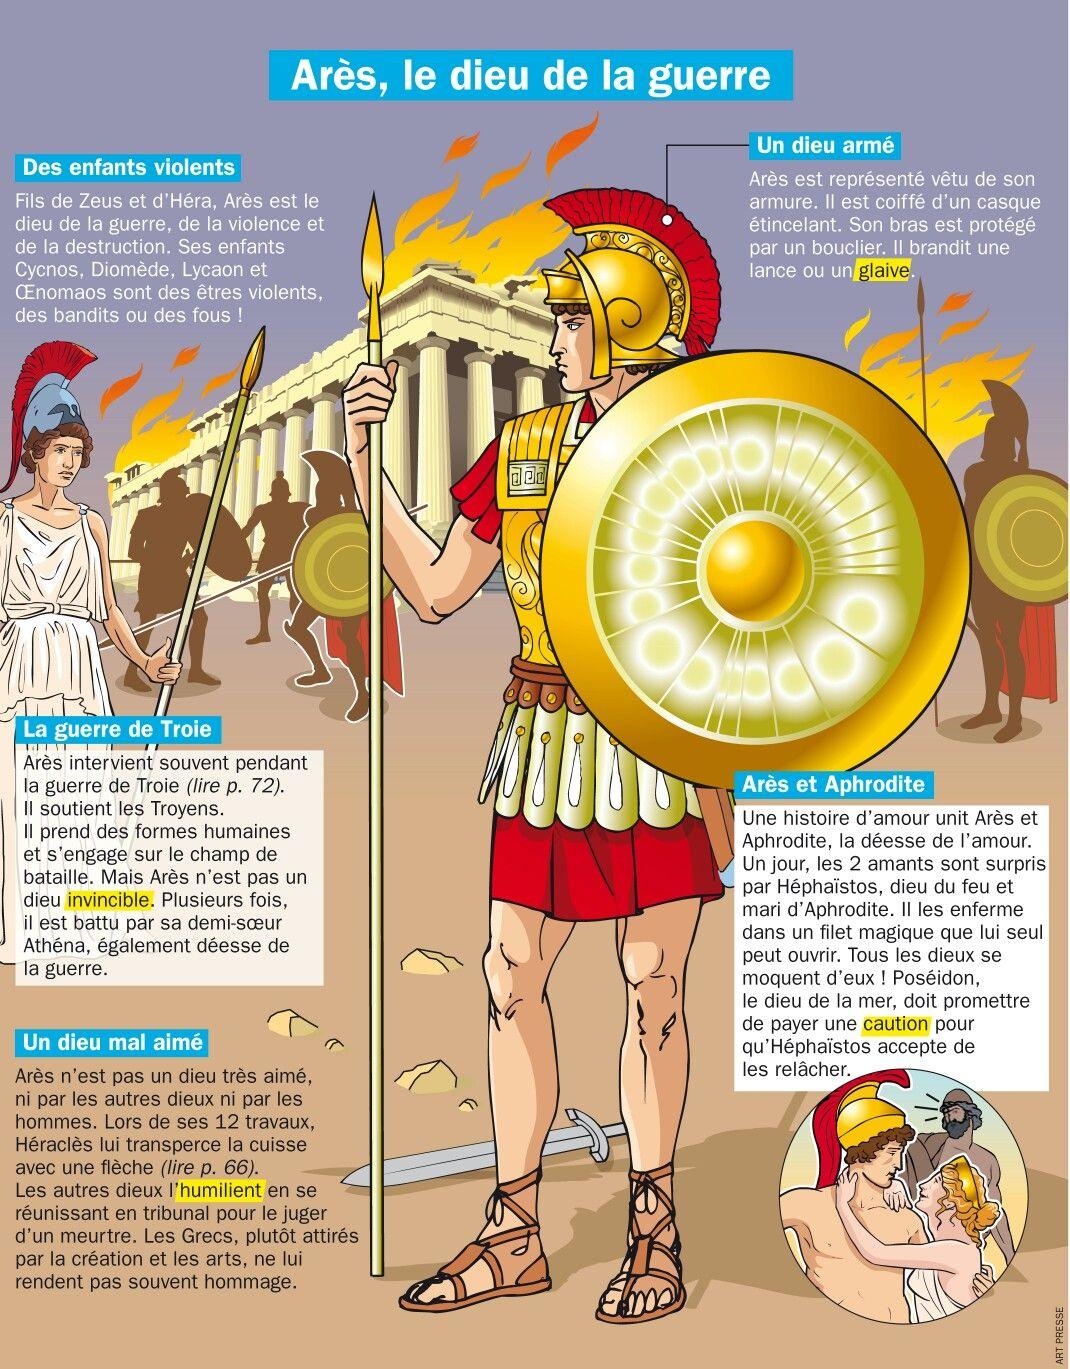 Epingle Par Simona Gombarova Sur Mon Quotidien Culture G Dieu De La Guerre Mythologie Grecque Et Romaine Mythologie Grecque